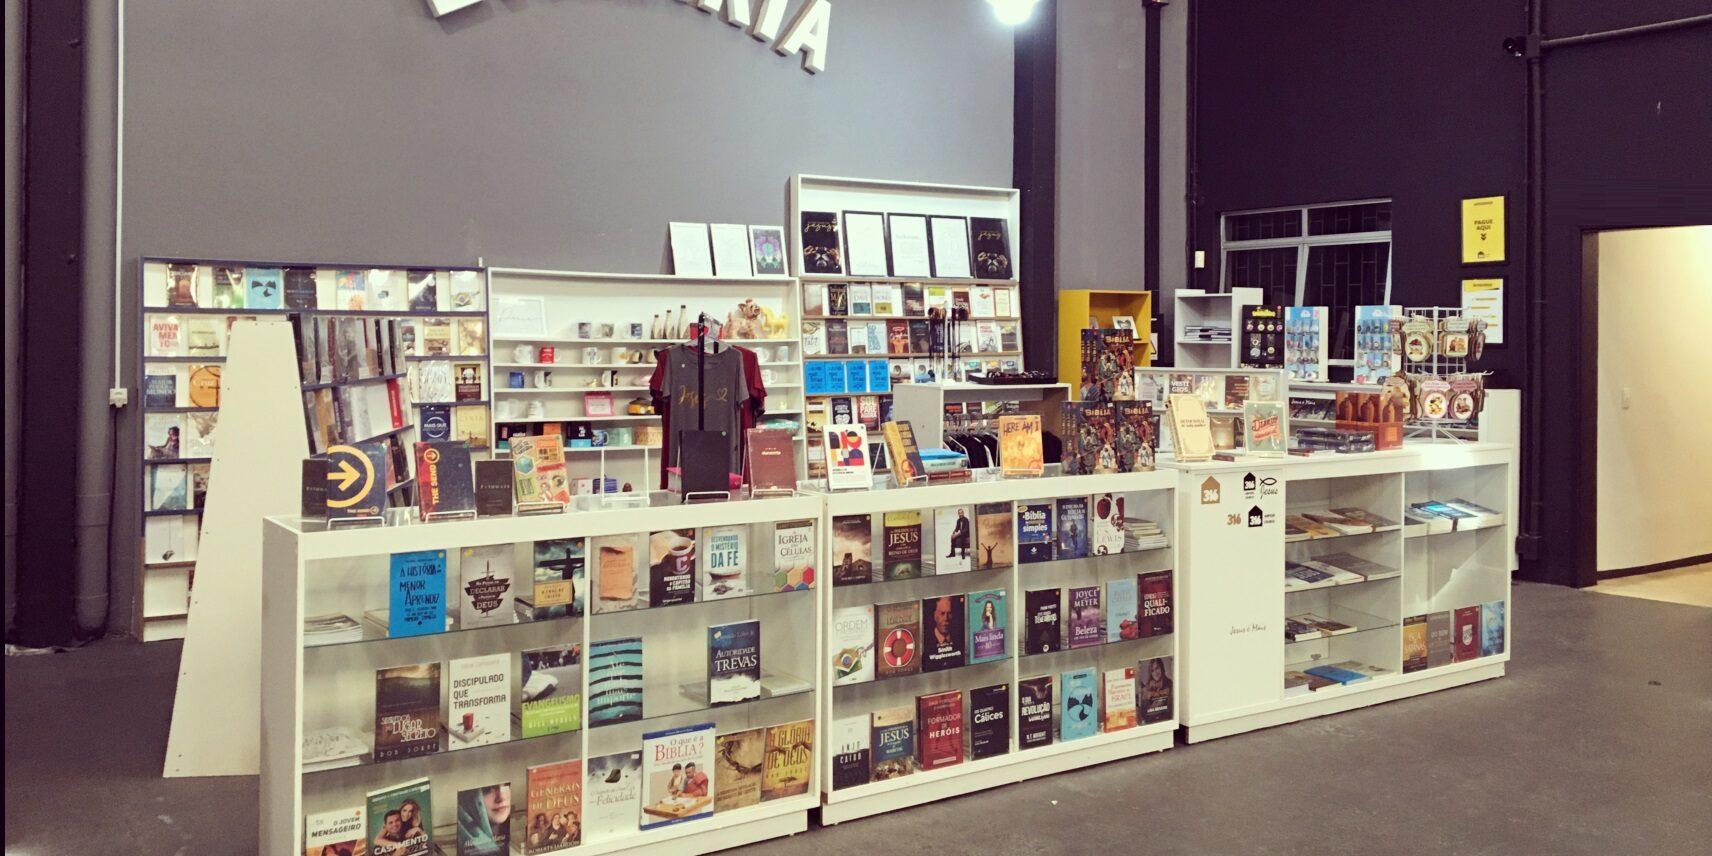 livraria-316-airport-church